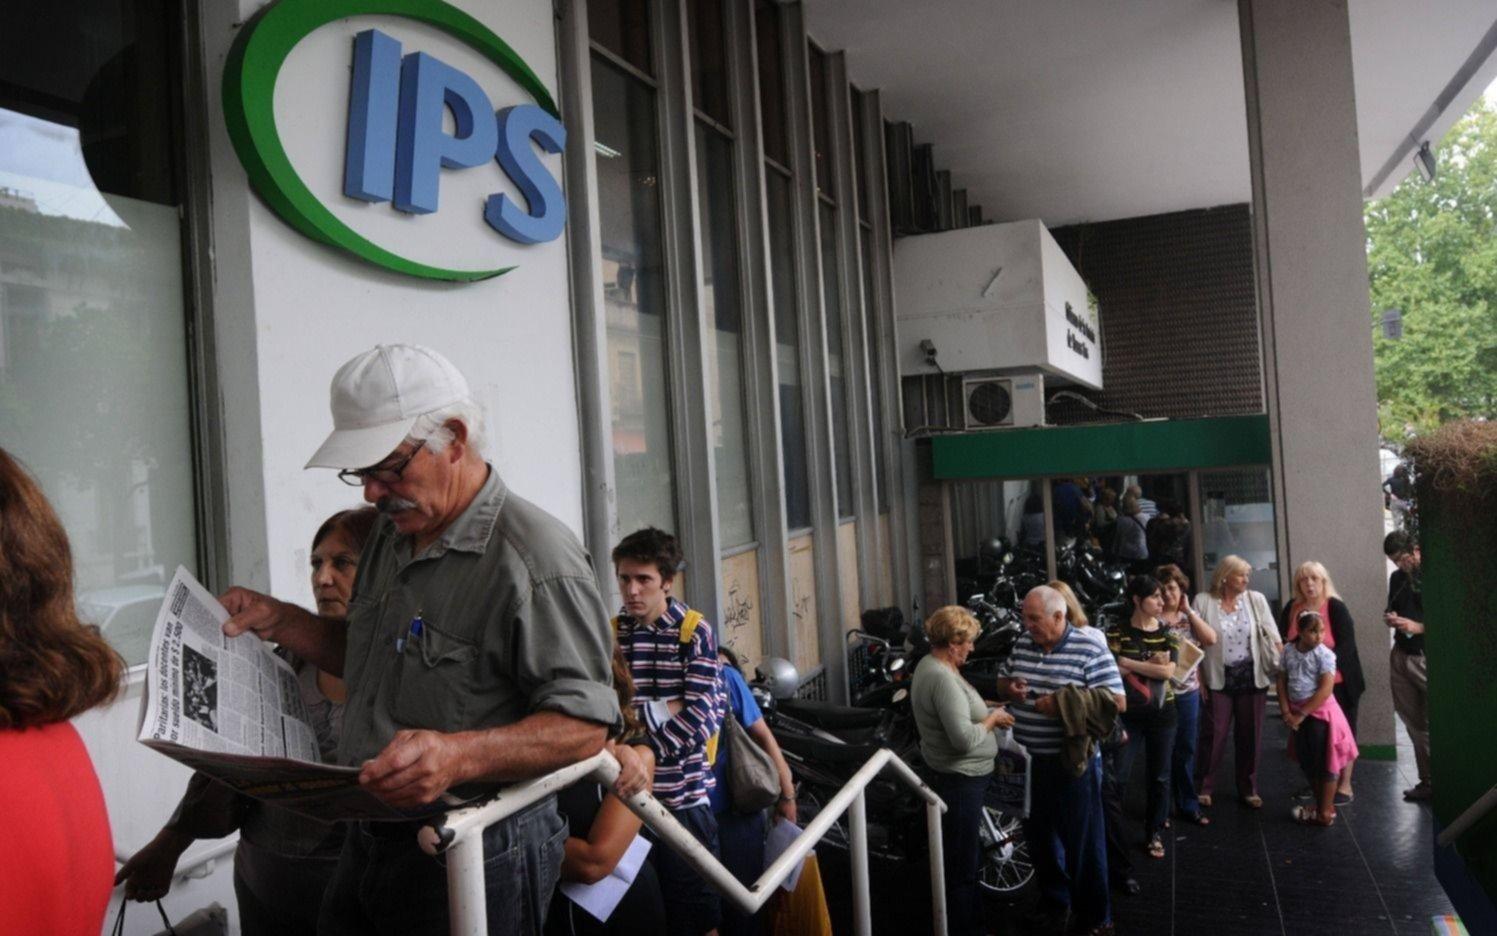 Ya está la fecha de pago del IPS